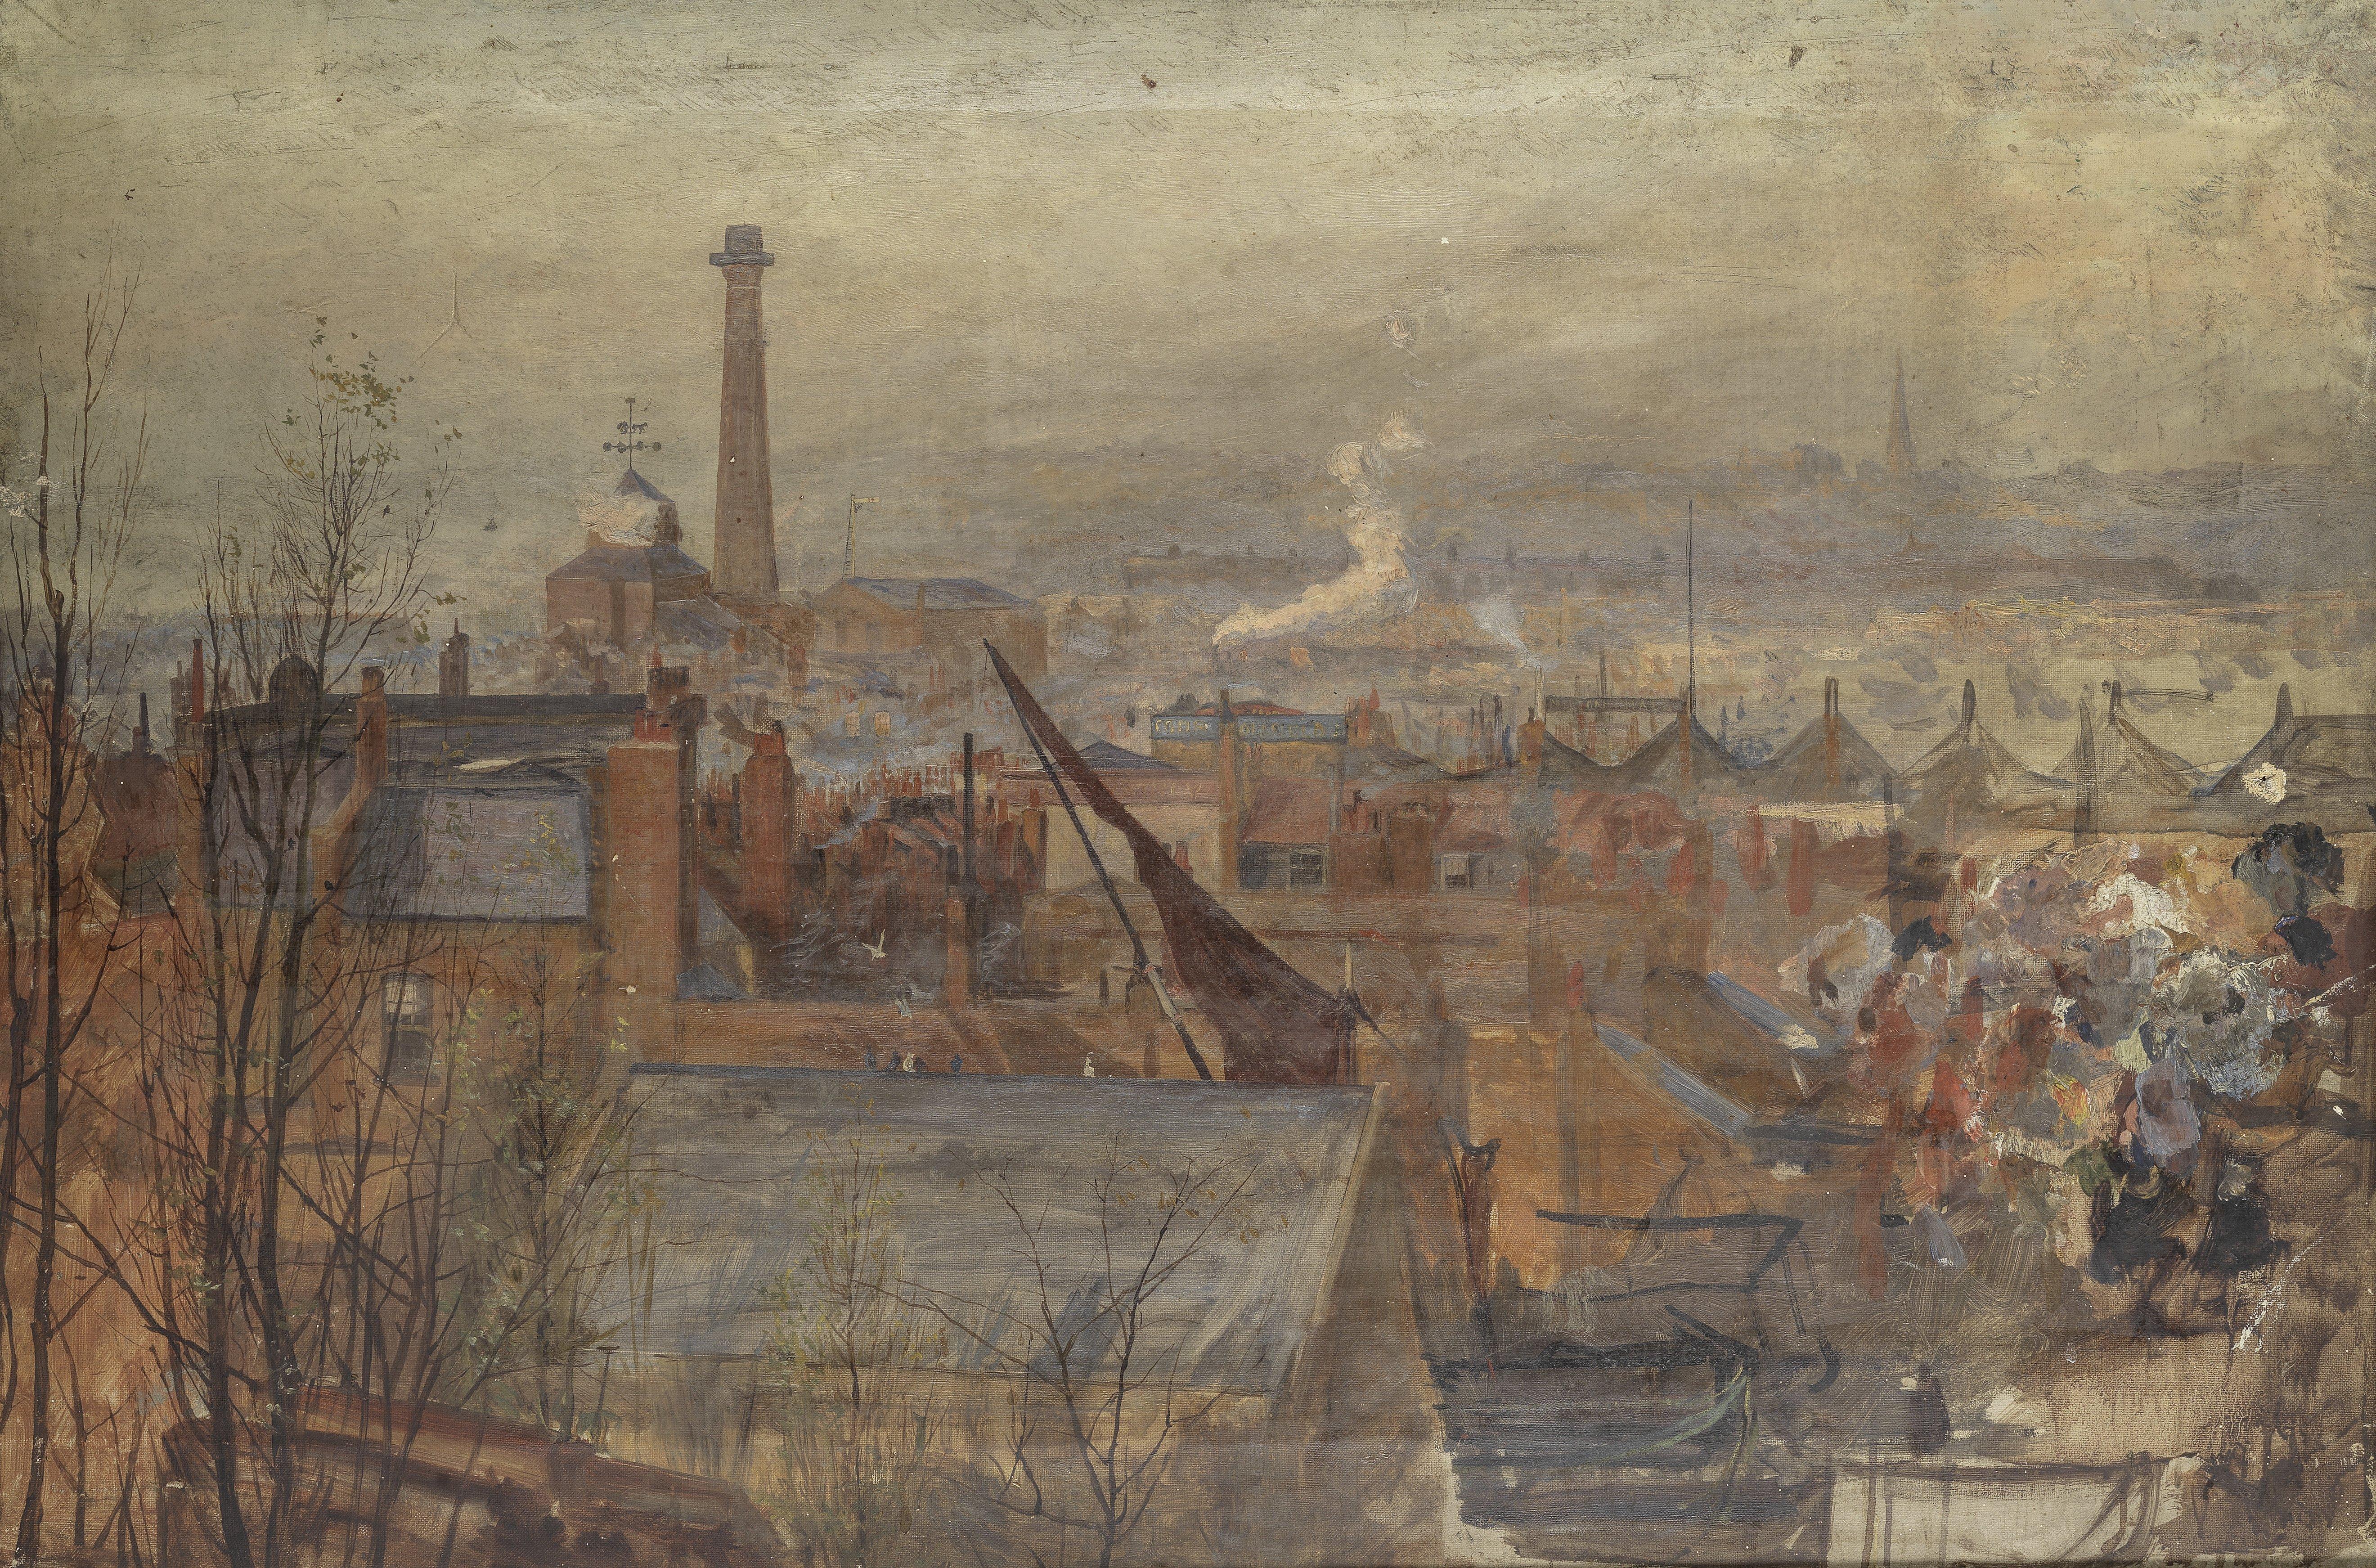 William Lionel Wyllie, R.A. (British, 1851-1931) Beckton Gas Works, an unfinished work